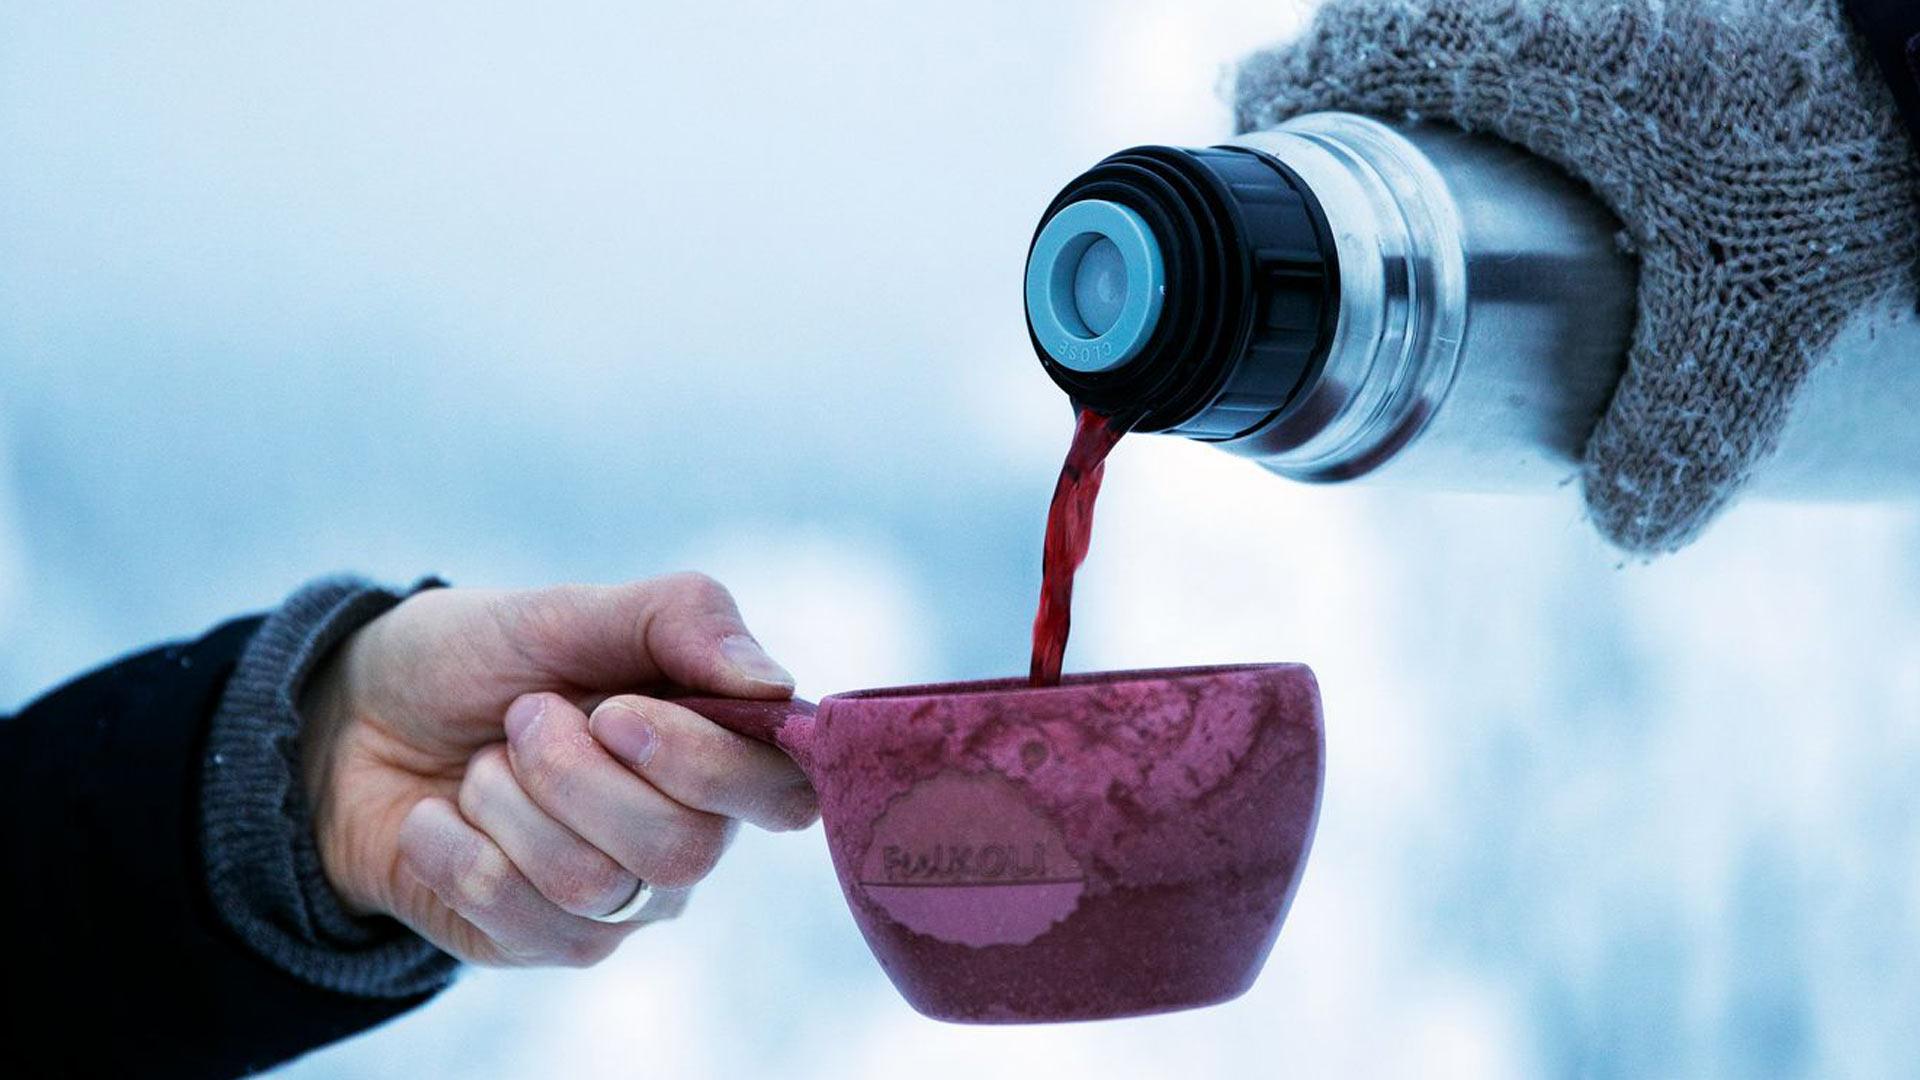 Pidemmille retkille kannattaa ottaa lämmintä juomaa.